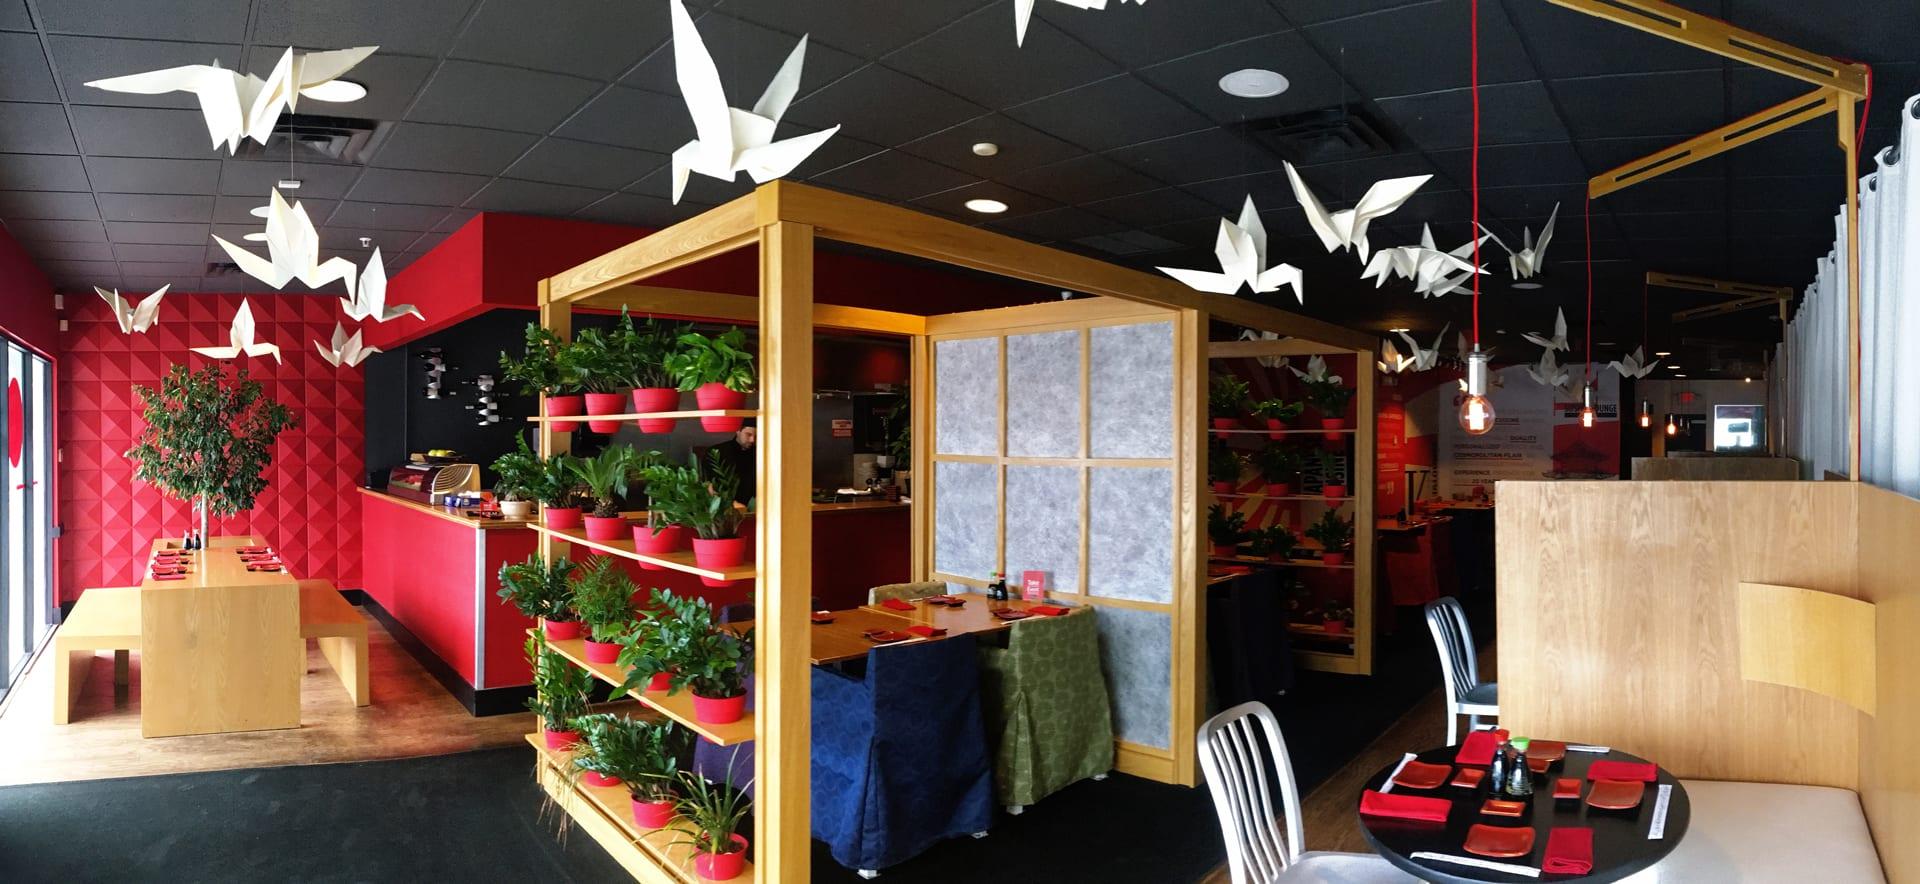 Kokai Sushi & Lounge